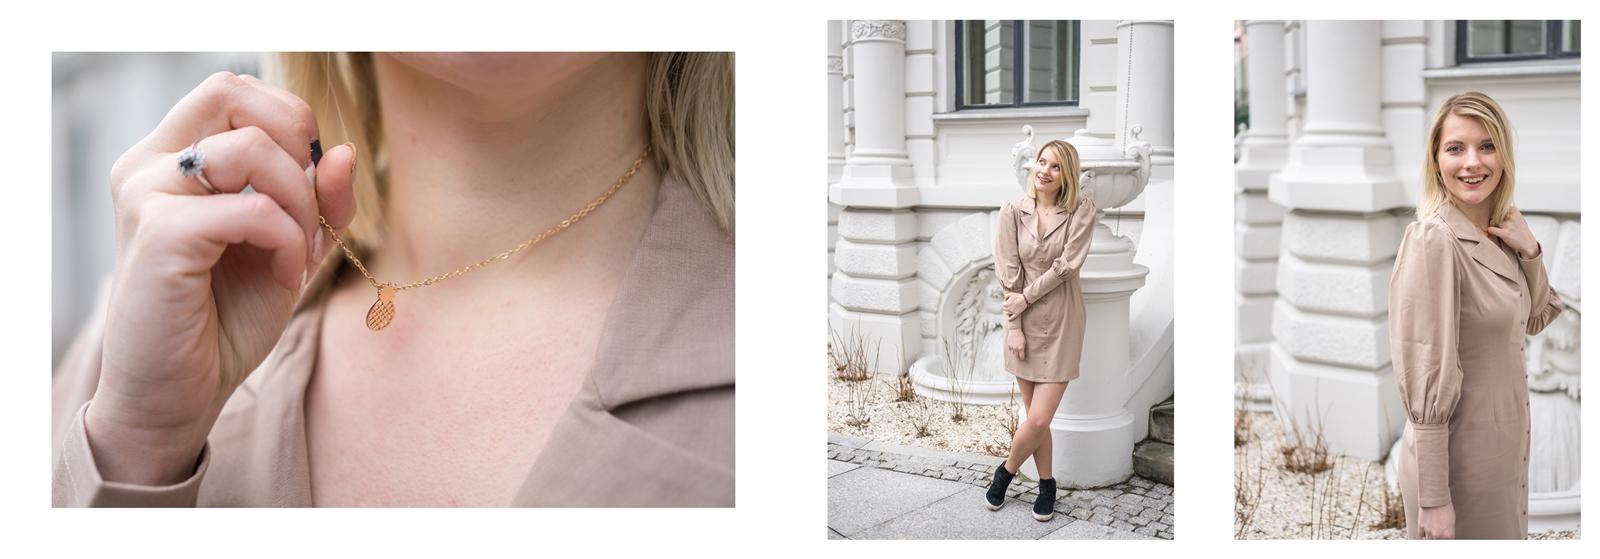 6a na-kd na kd lounge kod zniżkowy outlet rabat zakupy płaszcz na jesień kremowy sukienka modne stylizacje total look blog łódź fashion lifestyle